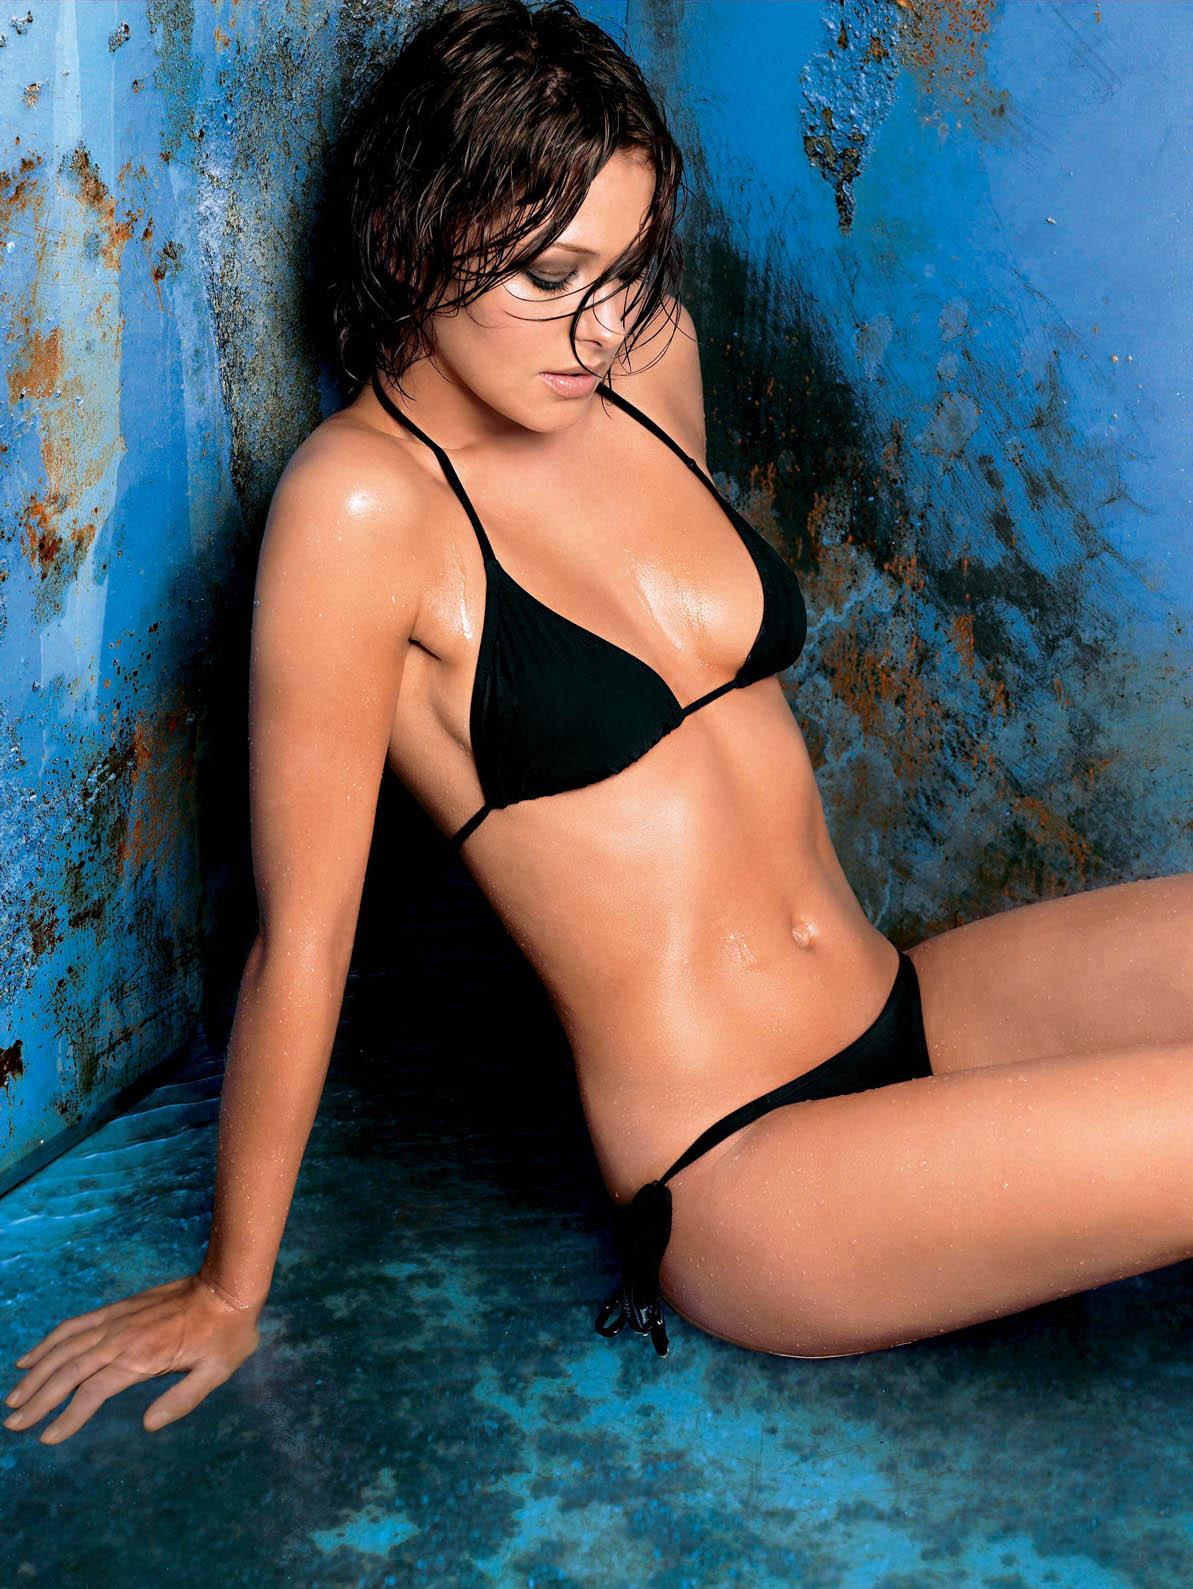 http://4.bp.blogspot.com/-vN2QjKjygko/Tck8feG7R7I/AAAAAAAADIU/OYEolYMaPns/s1600/emma_griffiths_bikini_3_big.jpg